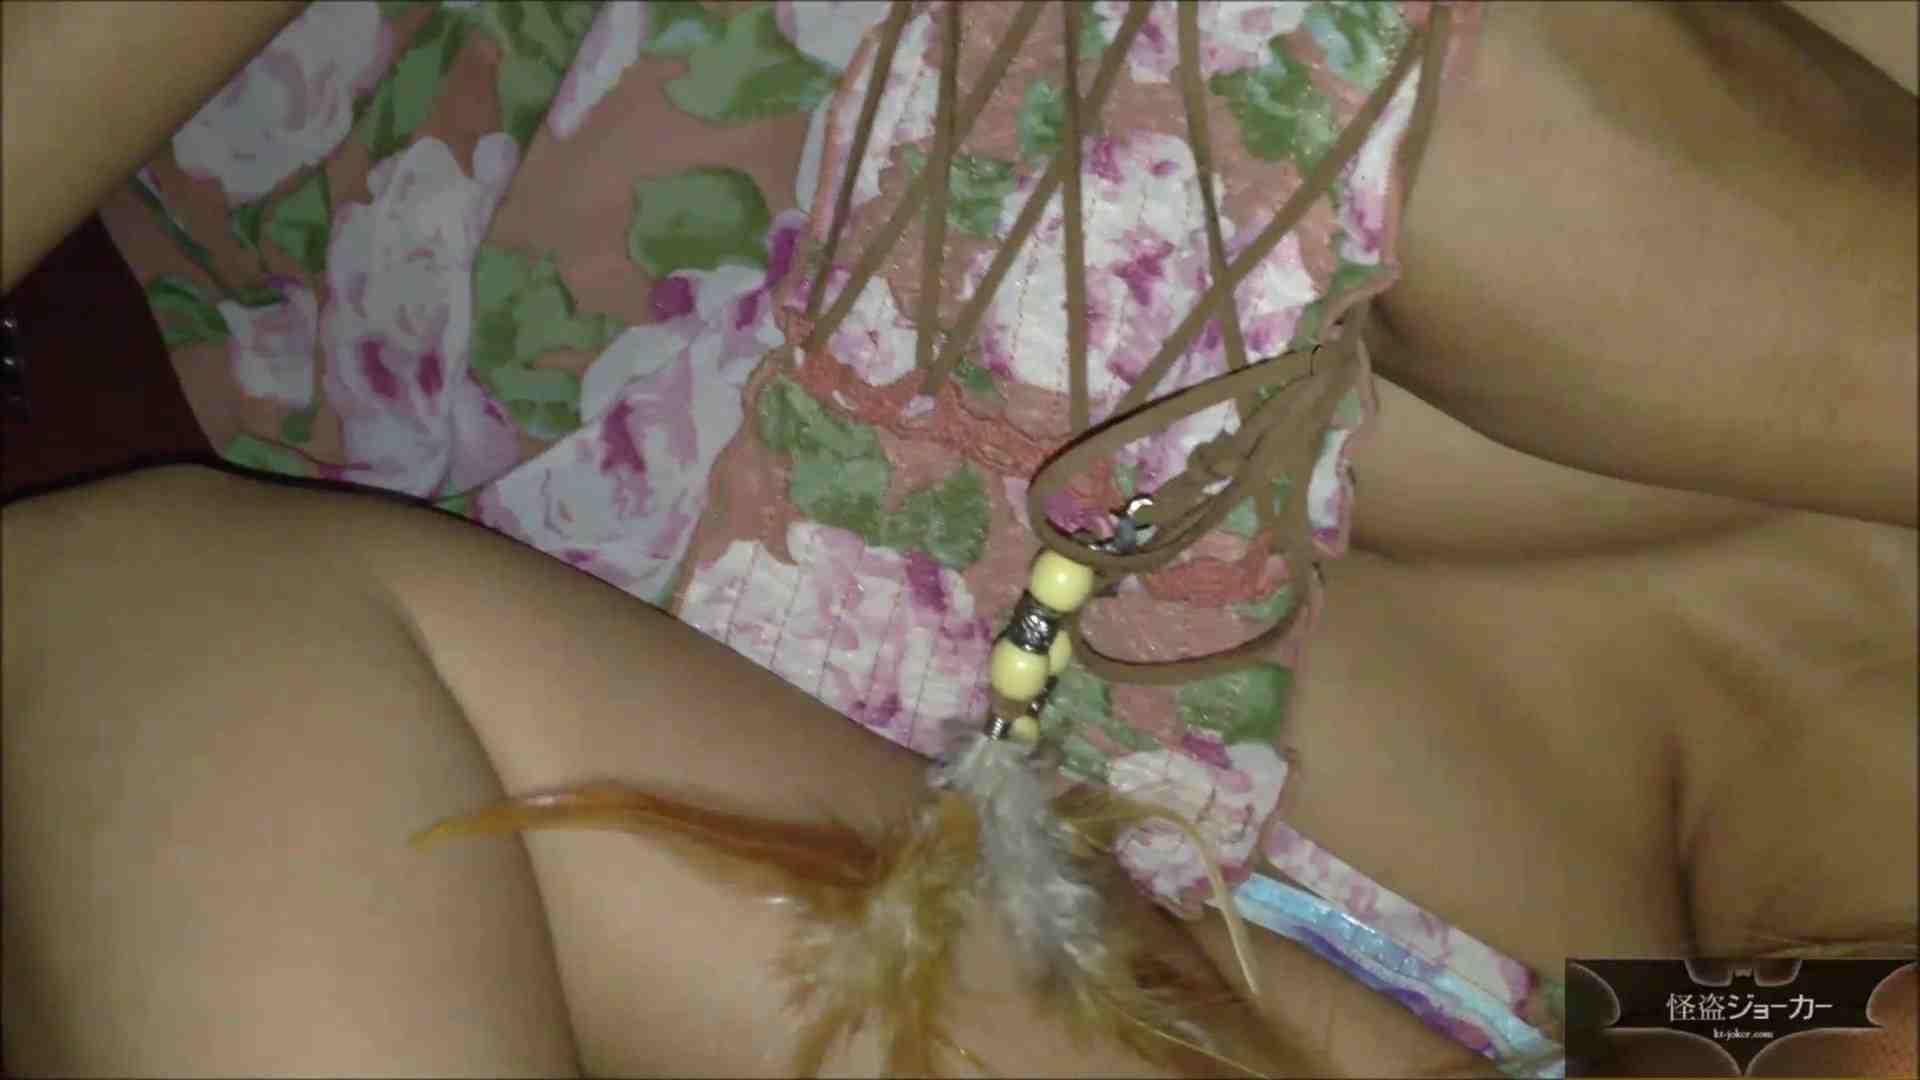 【未公開】vol.68{BLENDA系美女}UAちゃん_甘い香りと生臭い香り OL女体  88連発 52